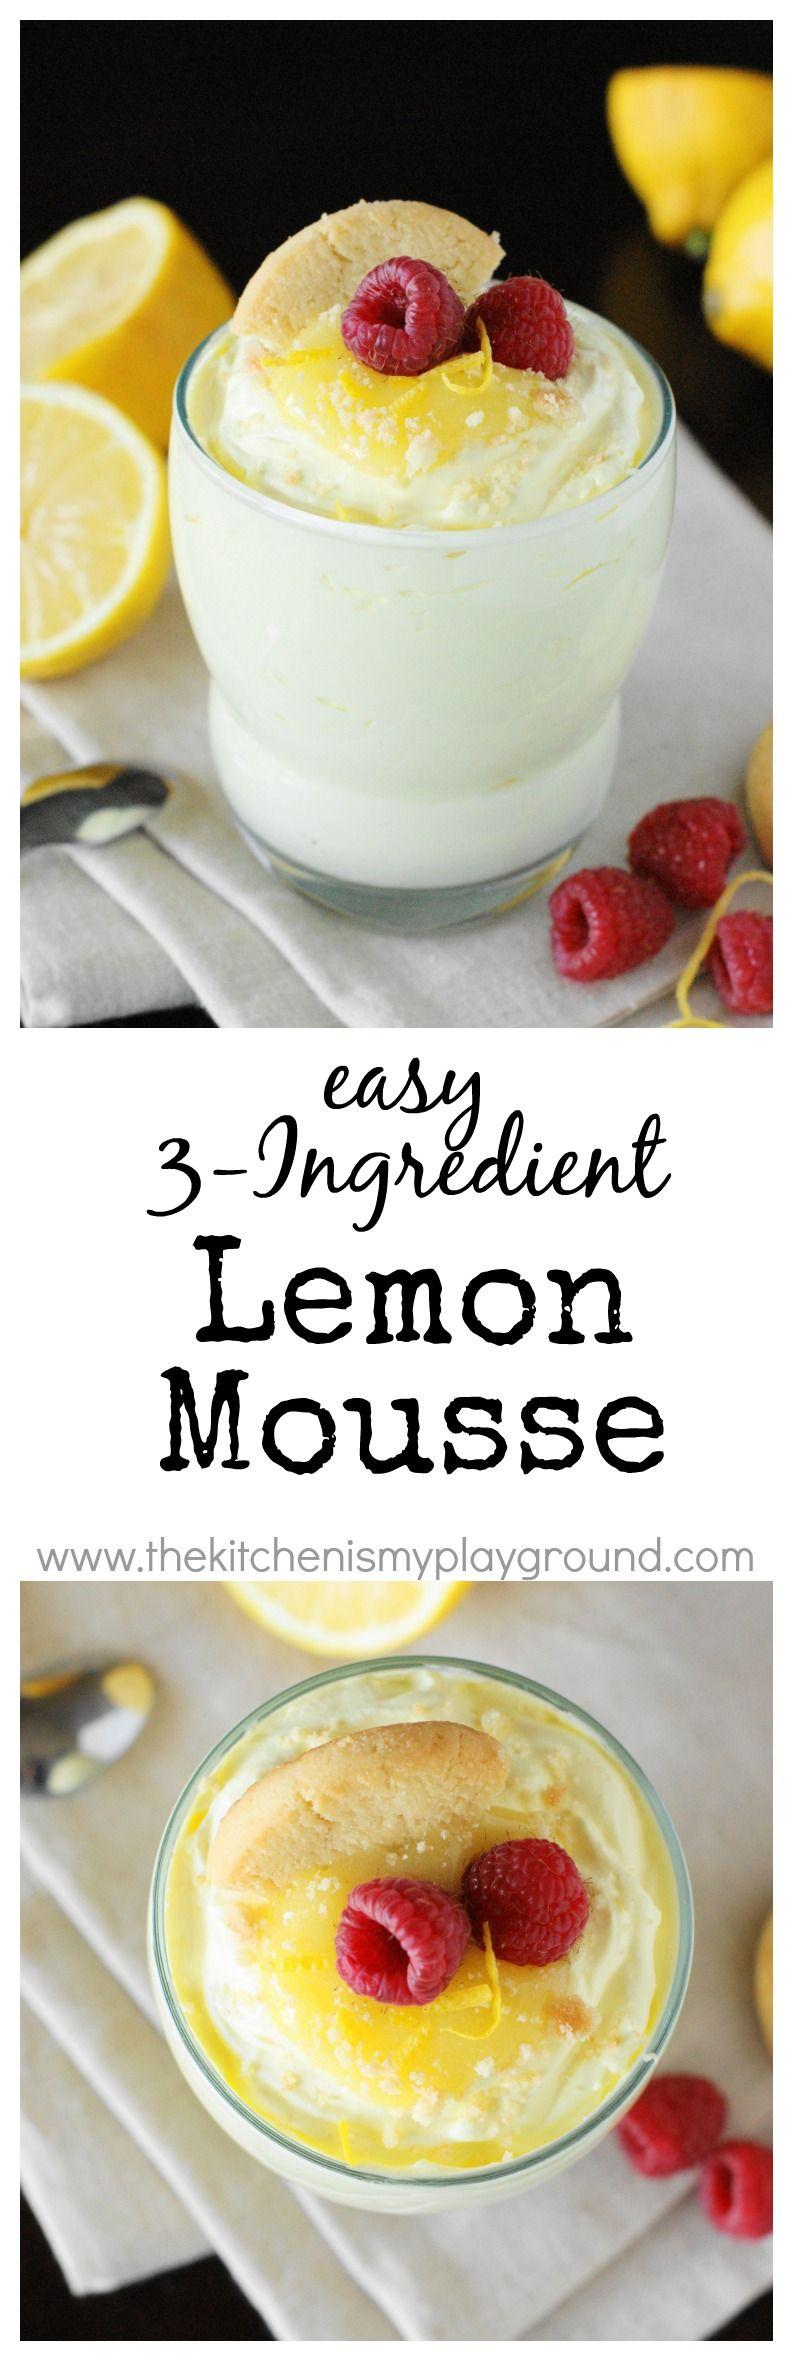 easy 3 ingredient lemon mousse recipe dessert recipes. Black Bedroom Furniture Sets. Home Design Ideas